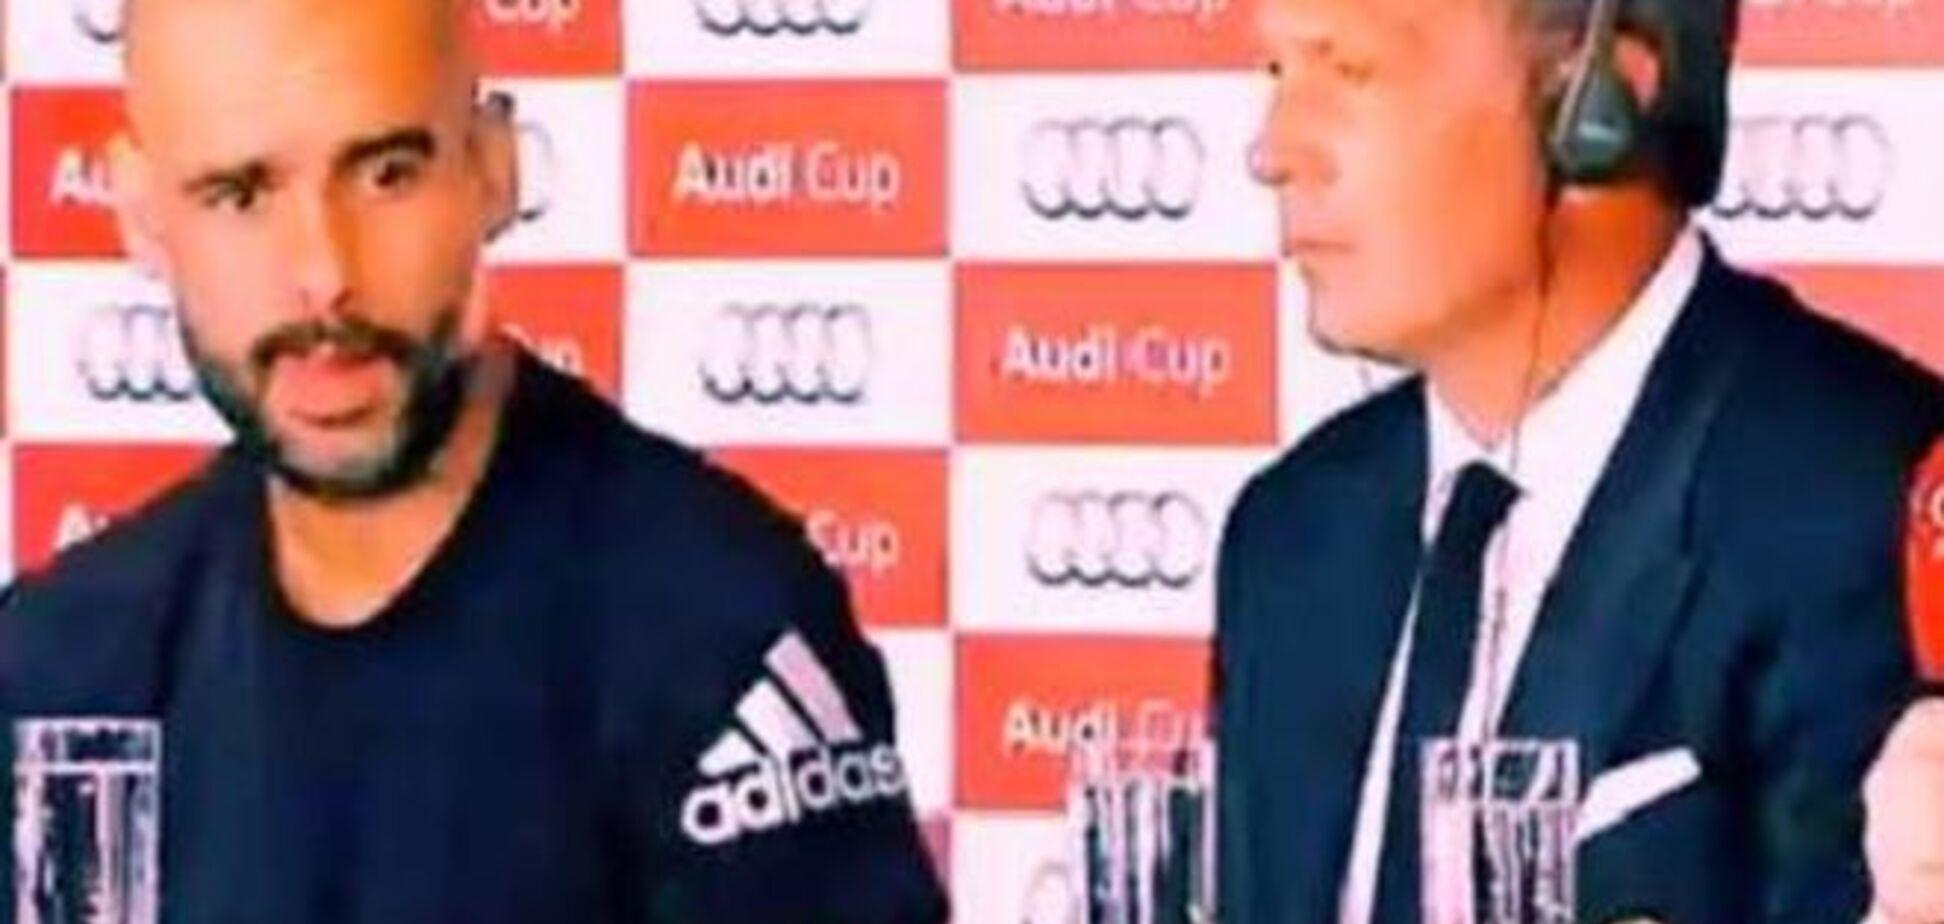 Тренер 'Баварии' отметился 'наркоманской' реакцией на пресс-конференцией